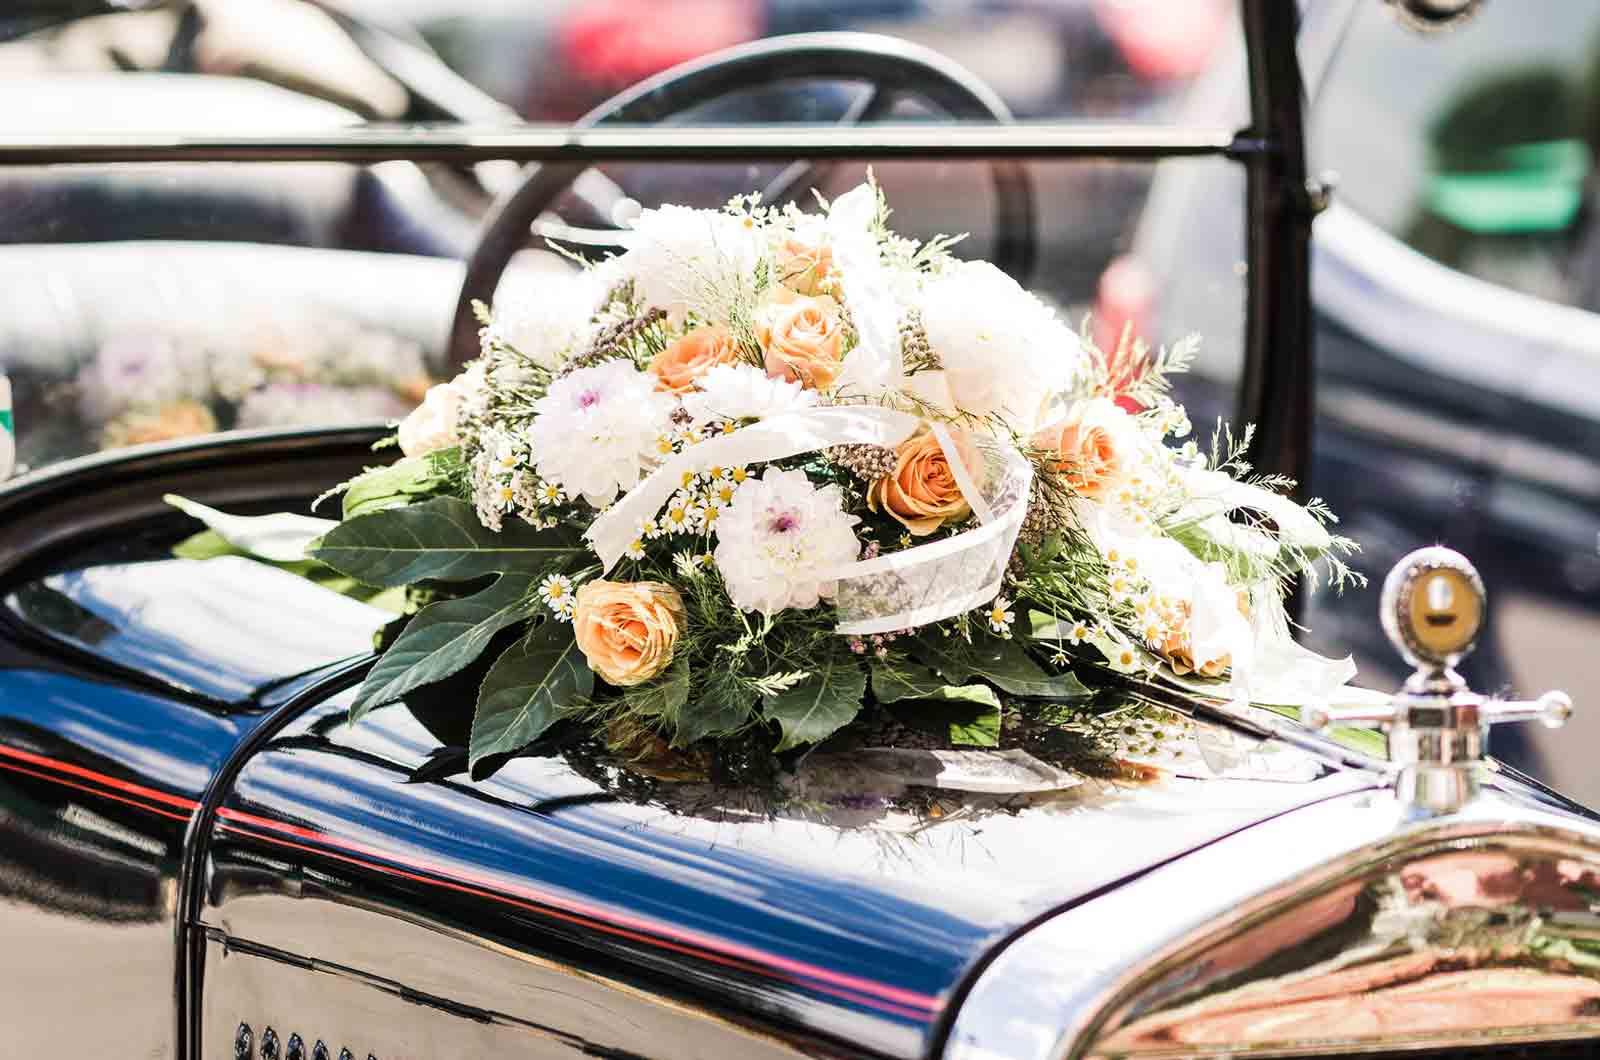 Schones Hochzeitsauto Konzept Und Planung Der Dekoration Mit Stil